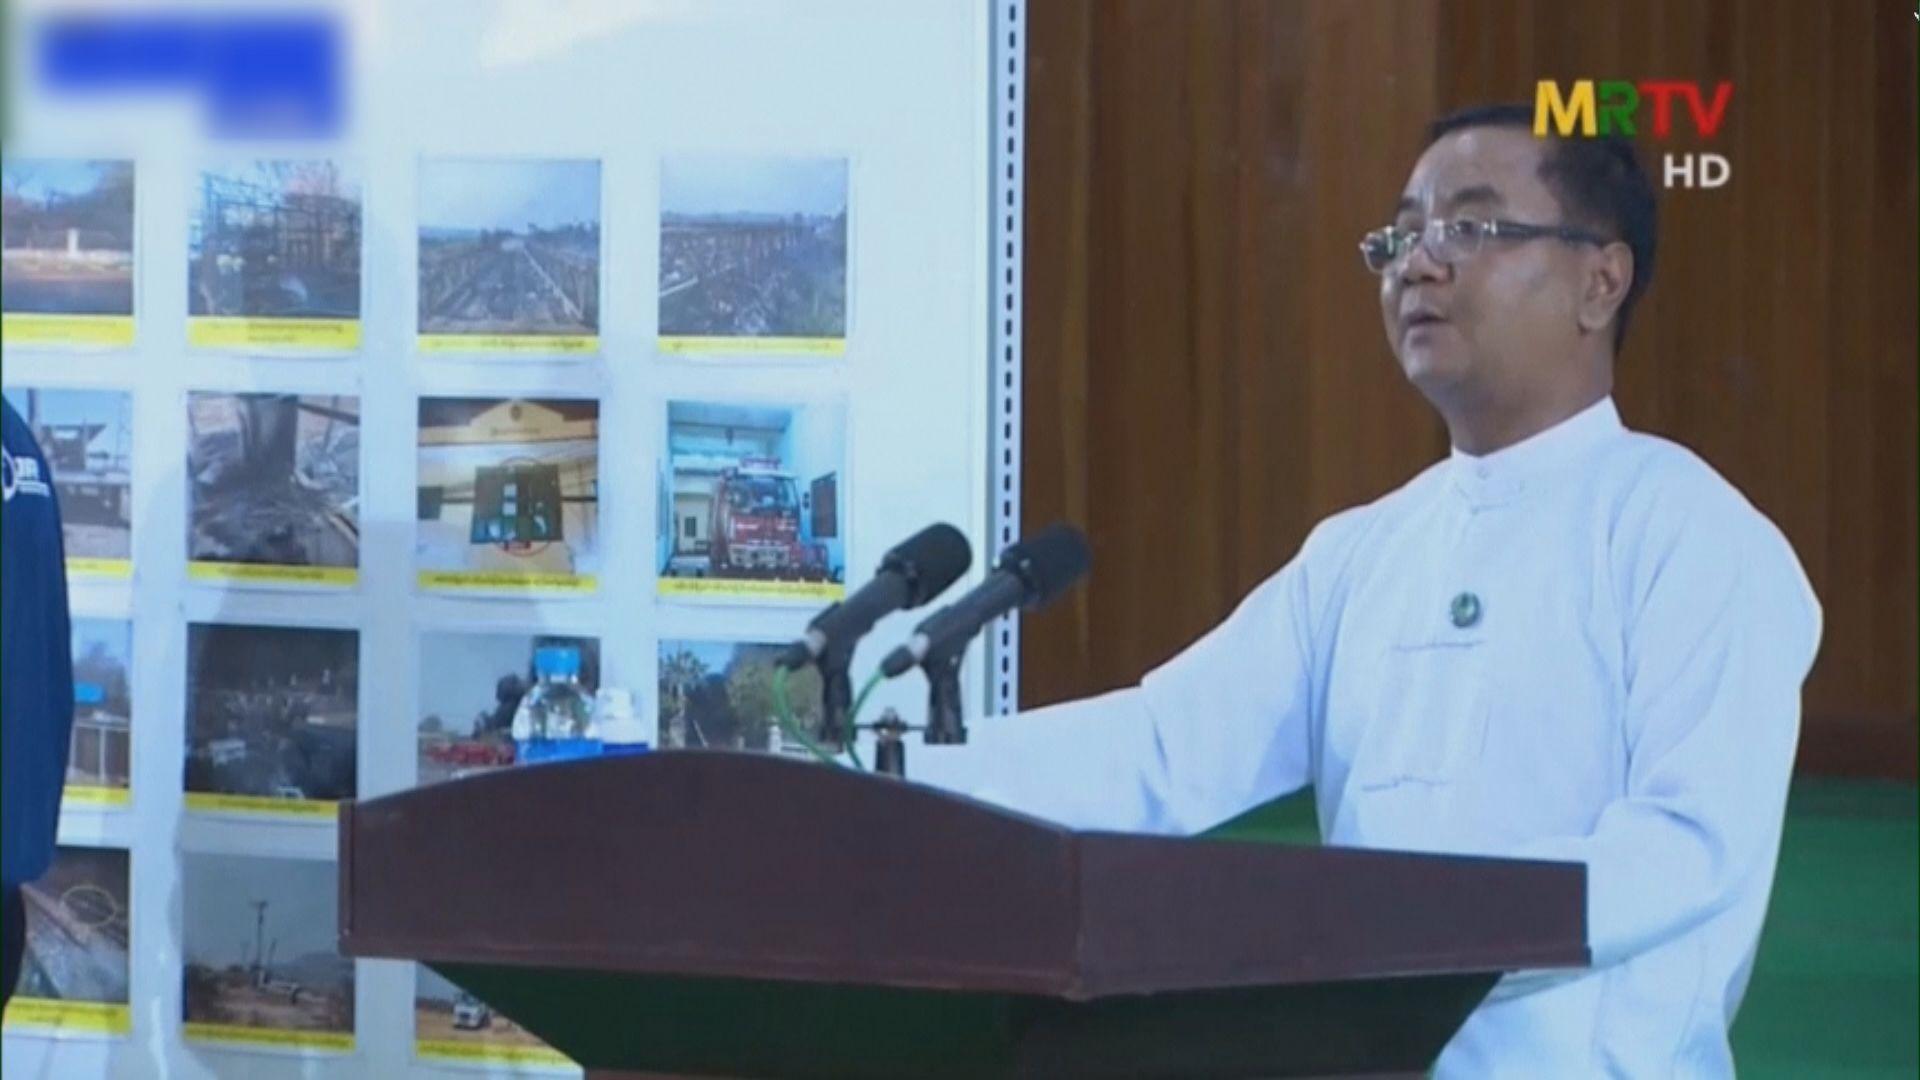 緬甸前地方官員稱昂山素姬曾收受賄賂